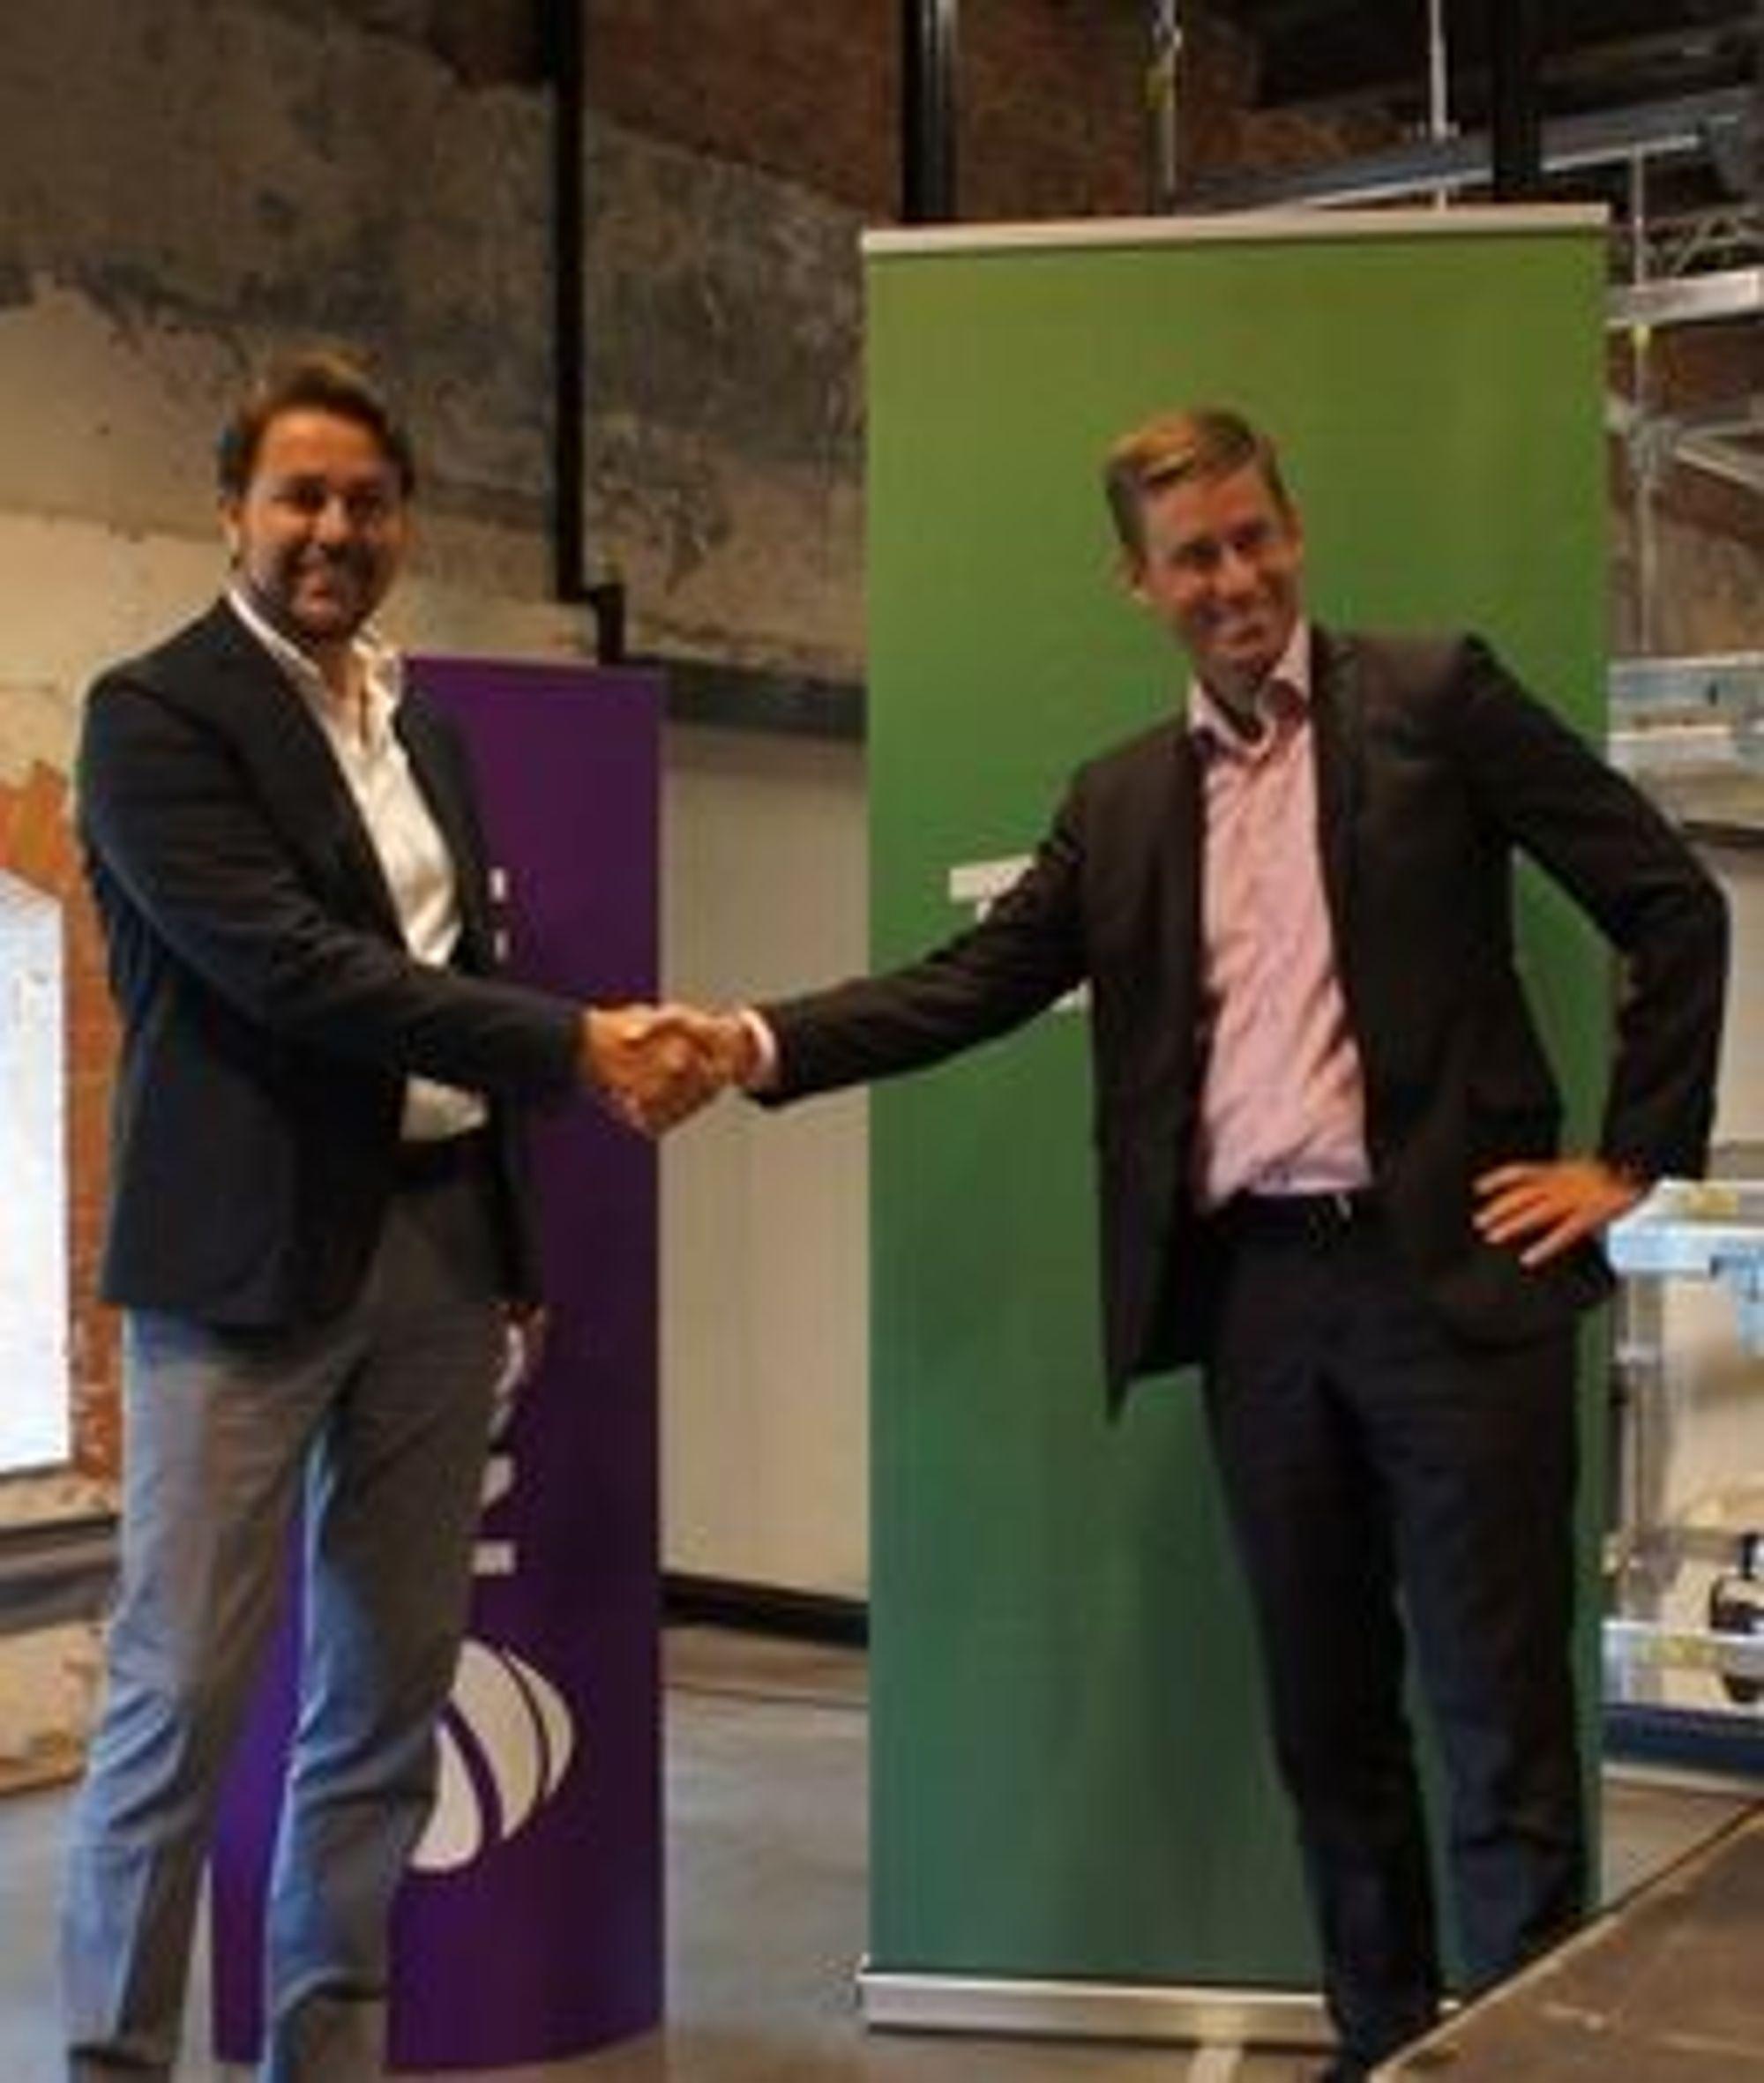 Tele2s norgessjef Arild Hustad og daværende Netcom-sjef August Baumann smilte bredt da oppkjøpet ble varslet i fjor sommer.